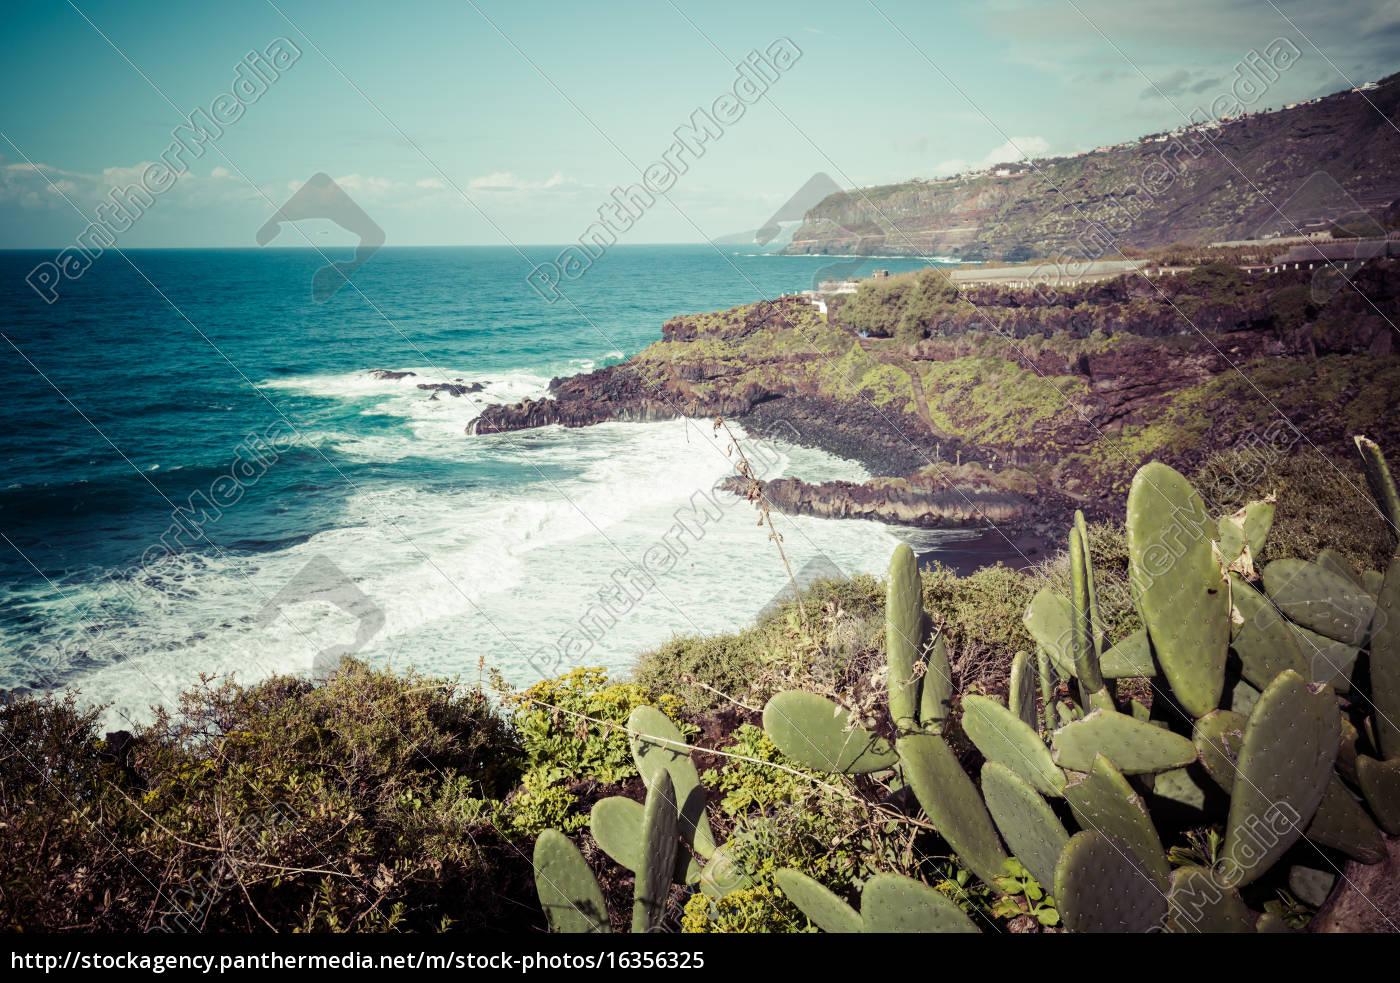 bananenplantage, auf, der, kanarischen, insel, teneriffa, spanien - 16356325